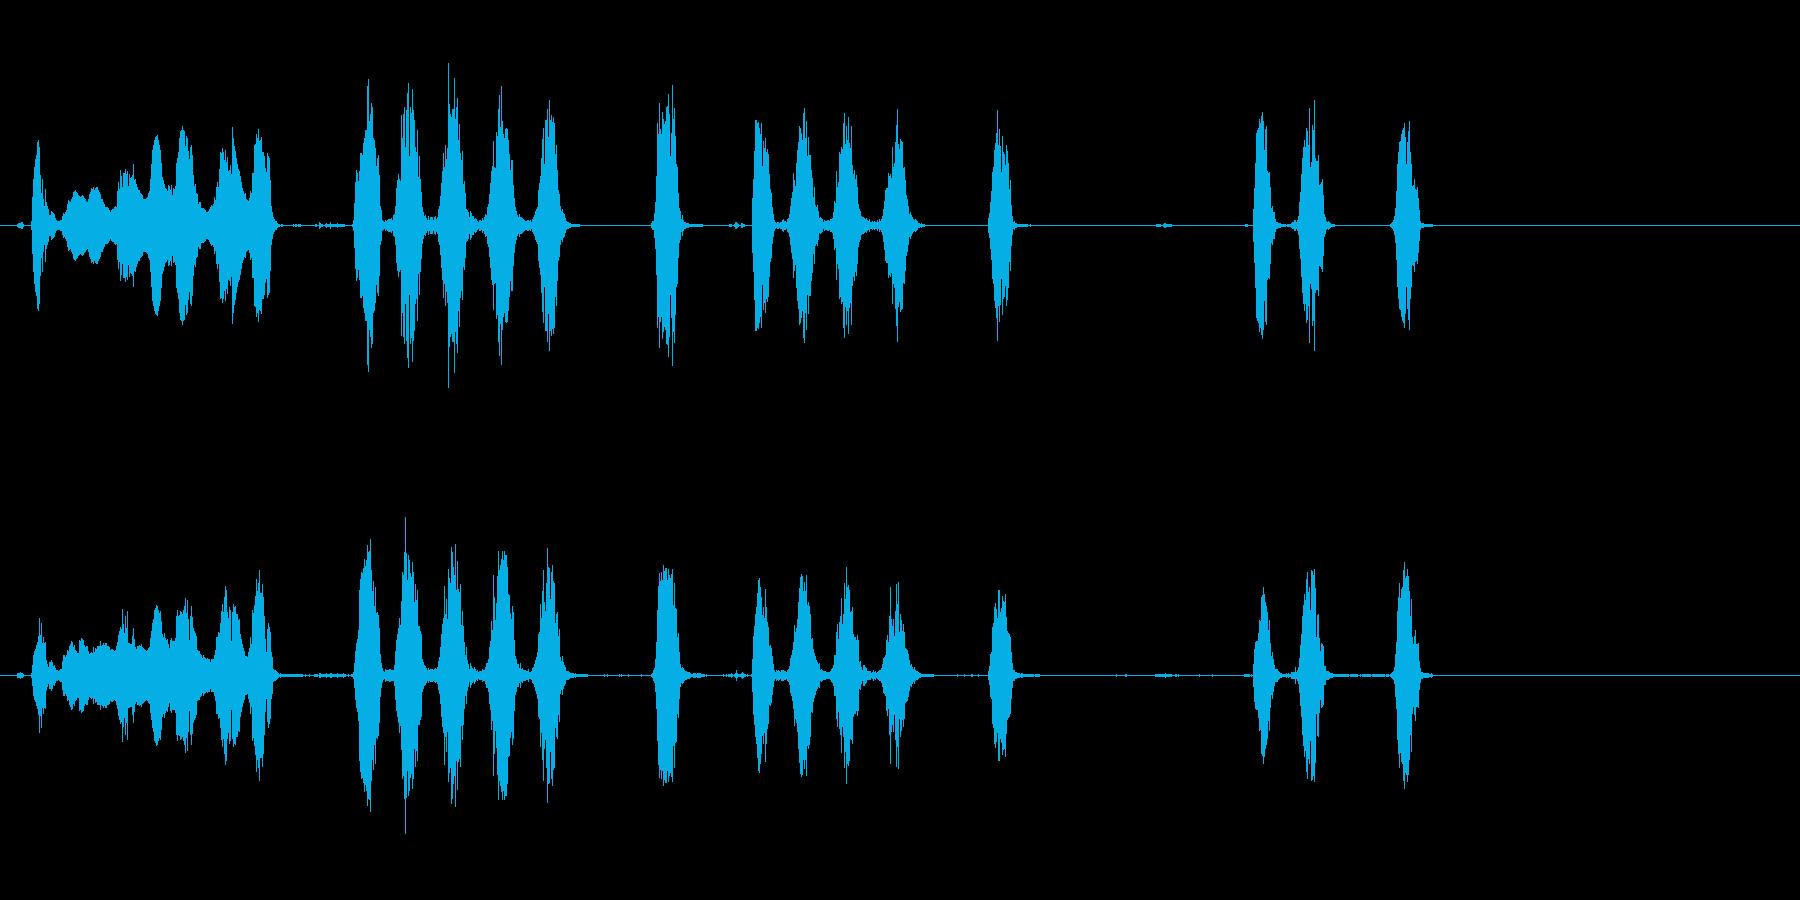 ドッグバーキング1、動物; DIG...の再生済みの波形